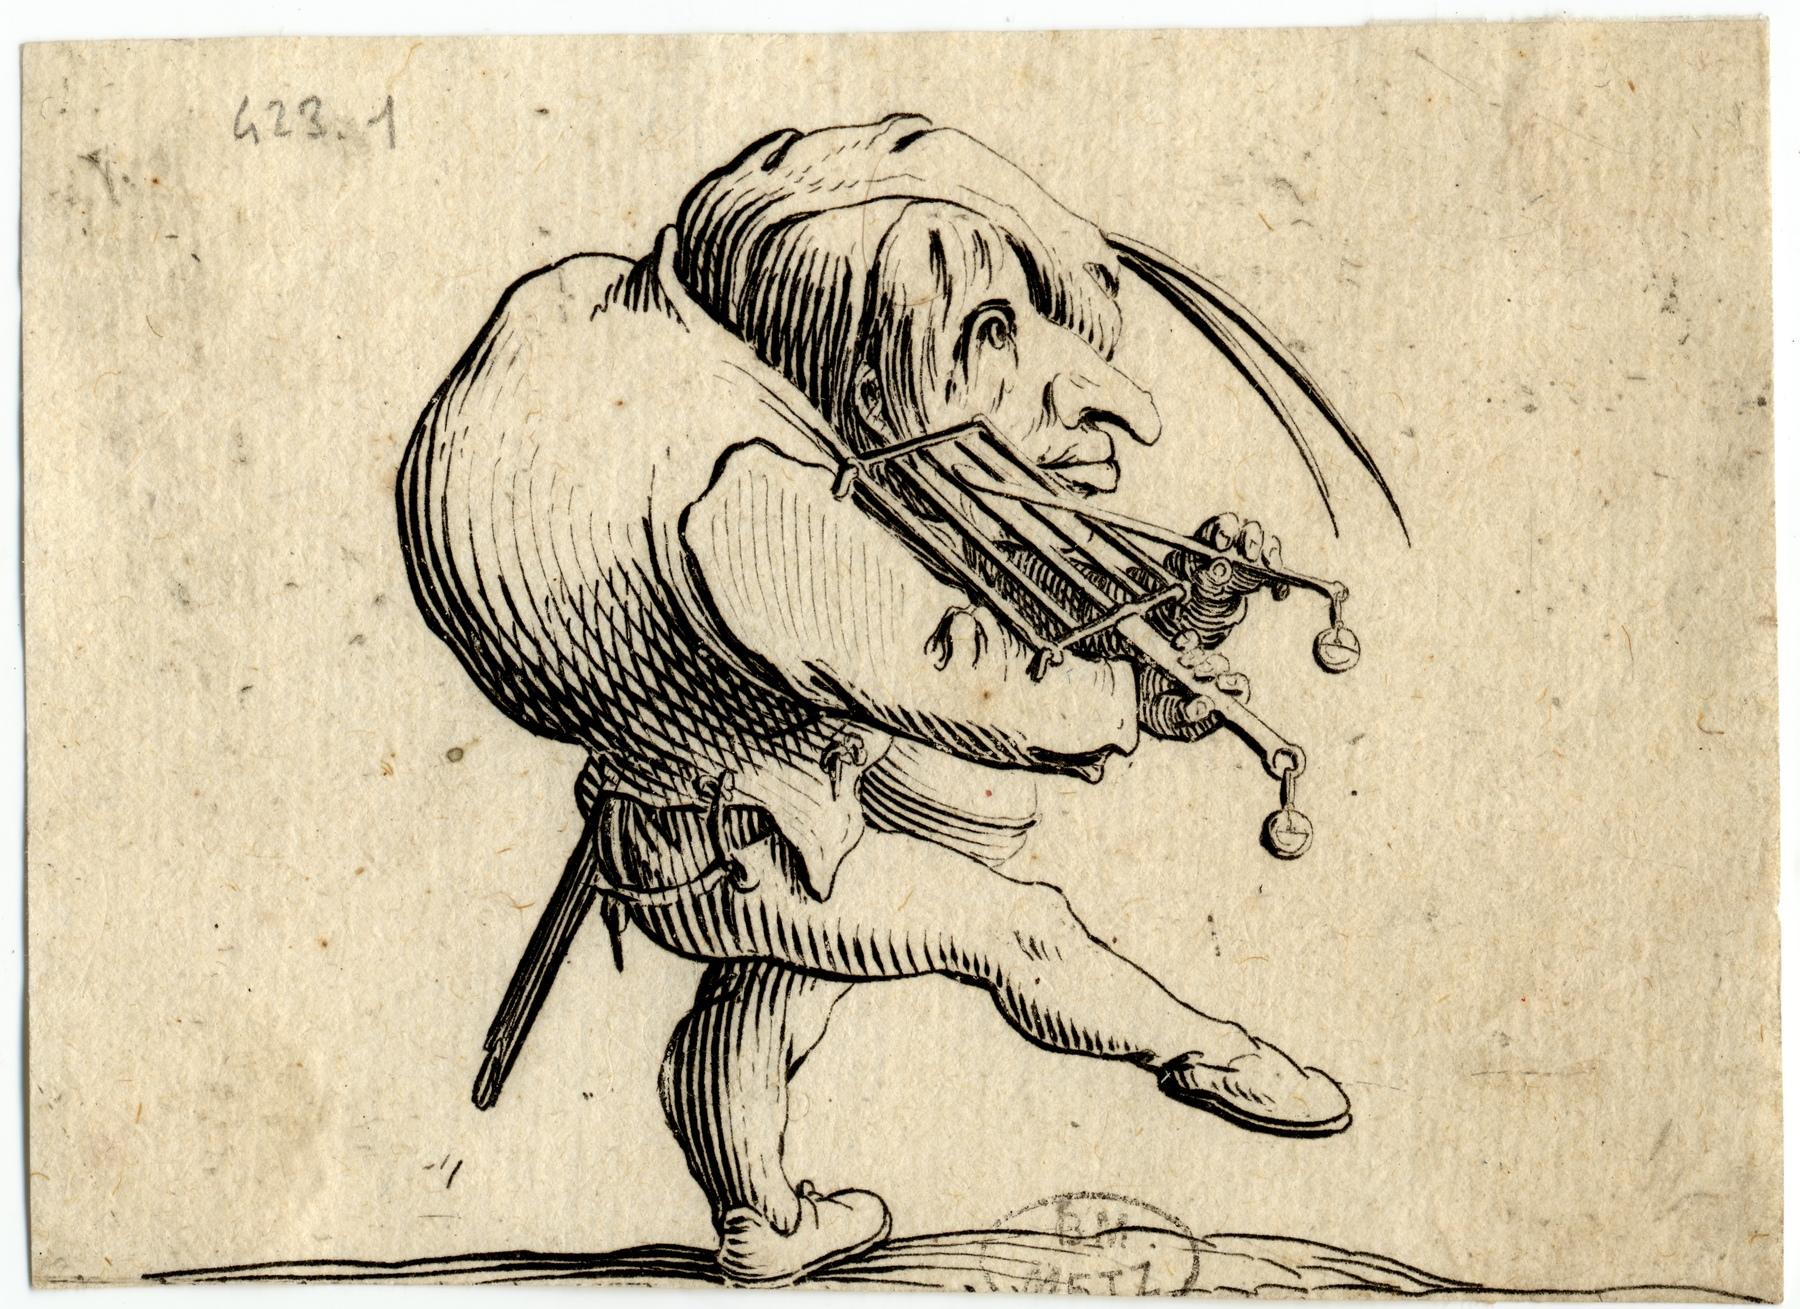 Contenu du Les Gobbi: L'homme raclant un gril en guise de violon